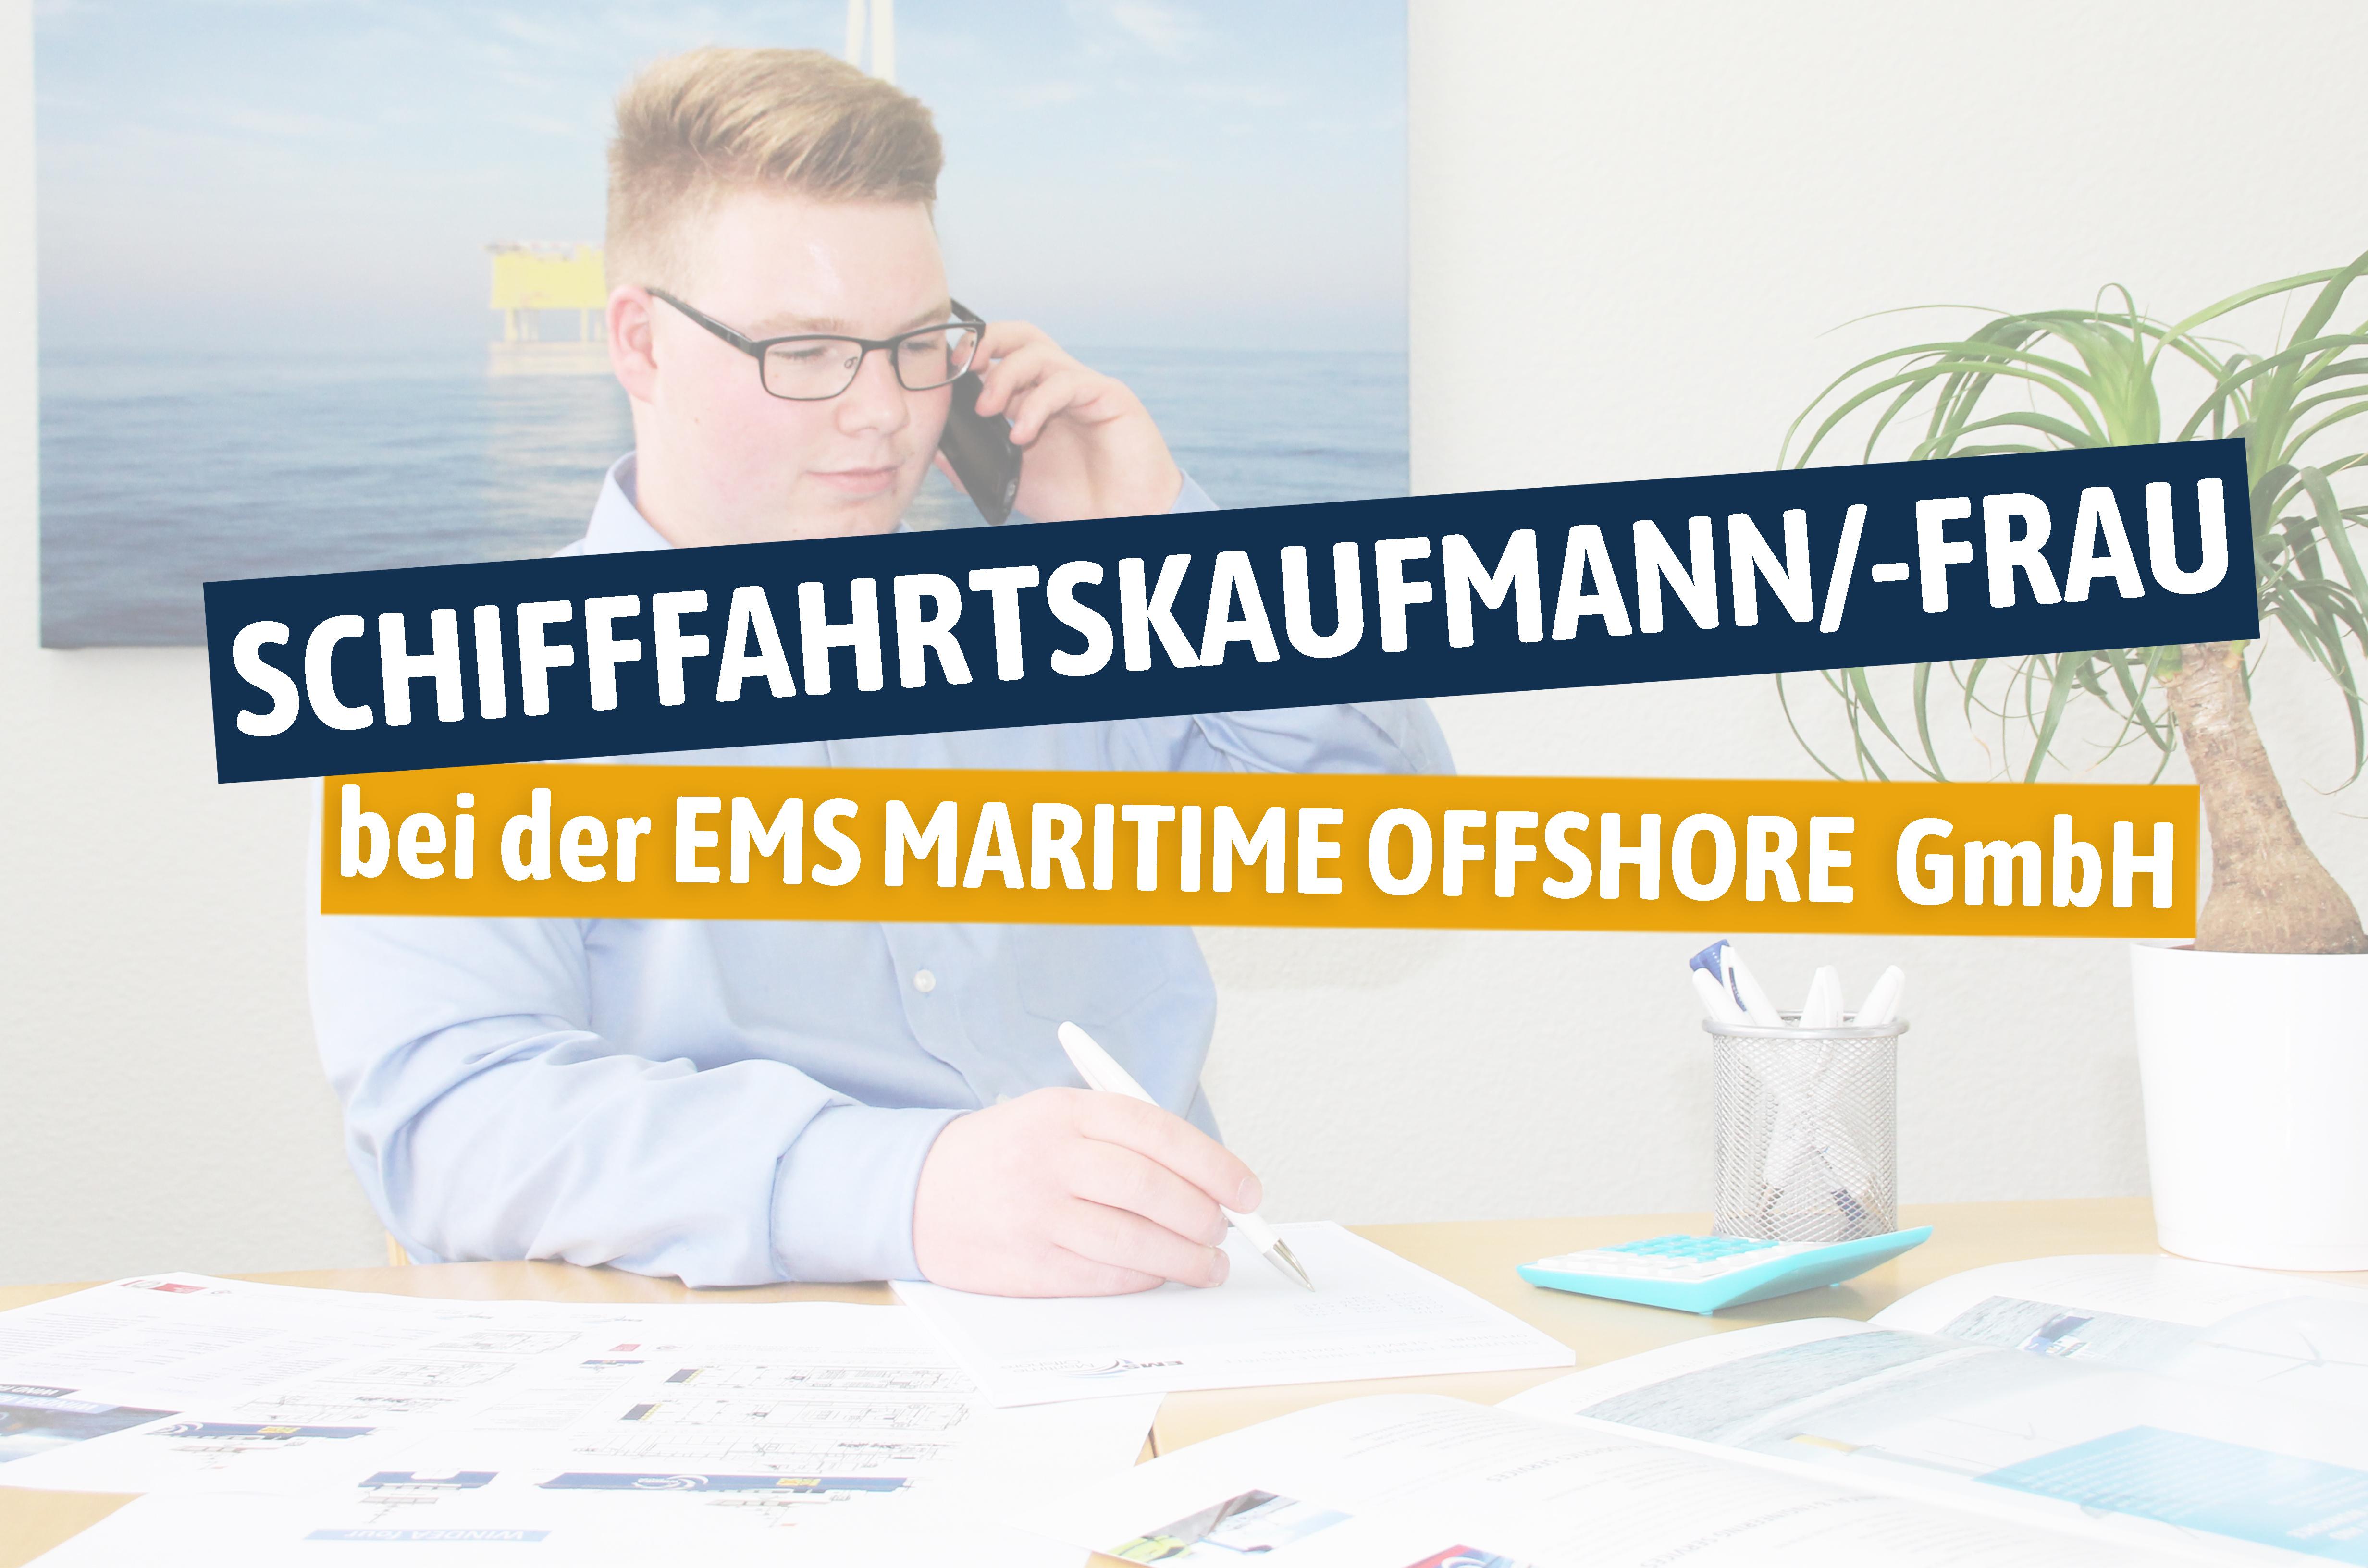 Schifffahrtskaufmann.jpg – AG